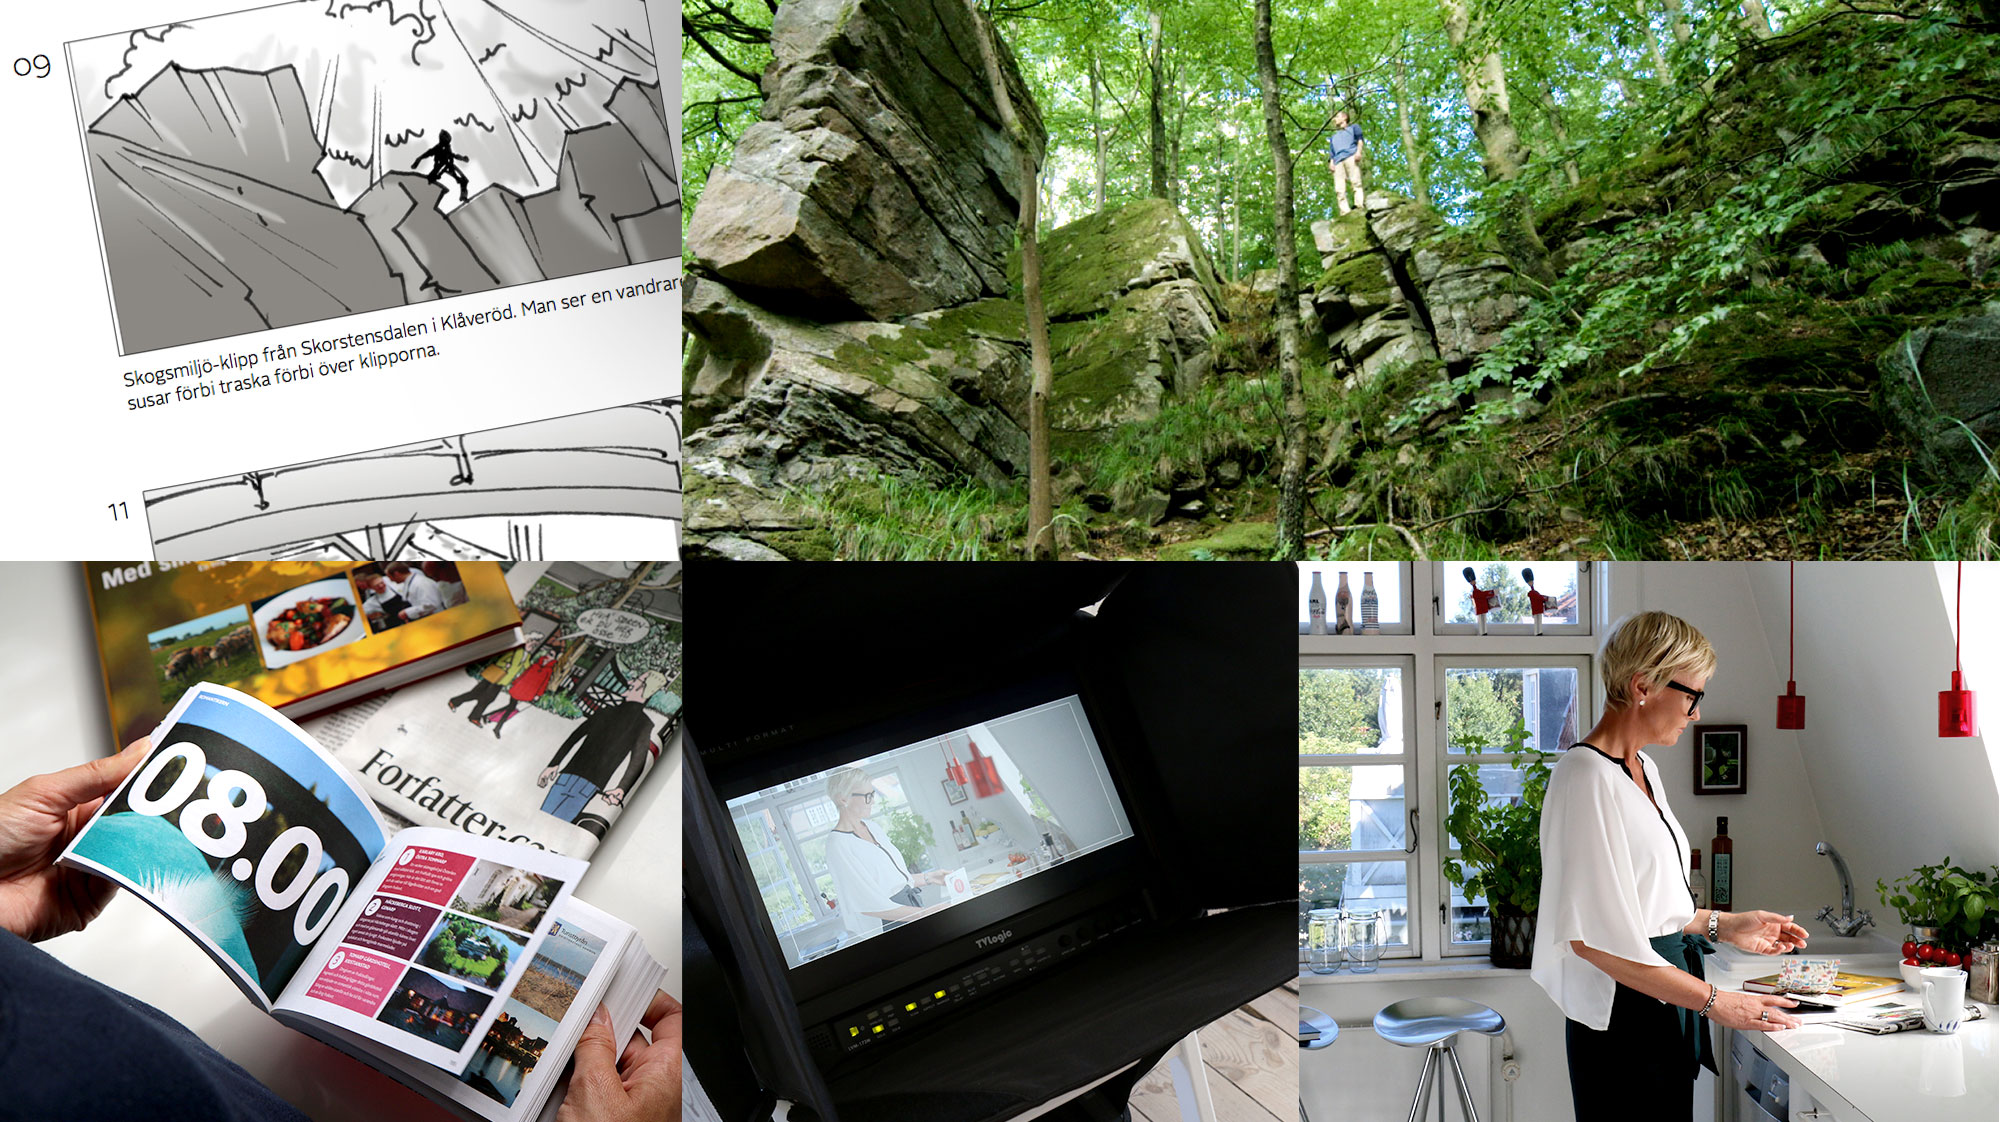 VisitSweden_smukke_Project-trivia02